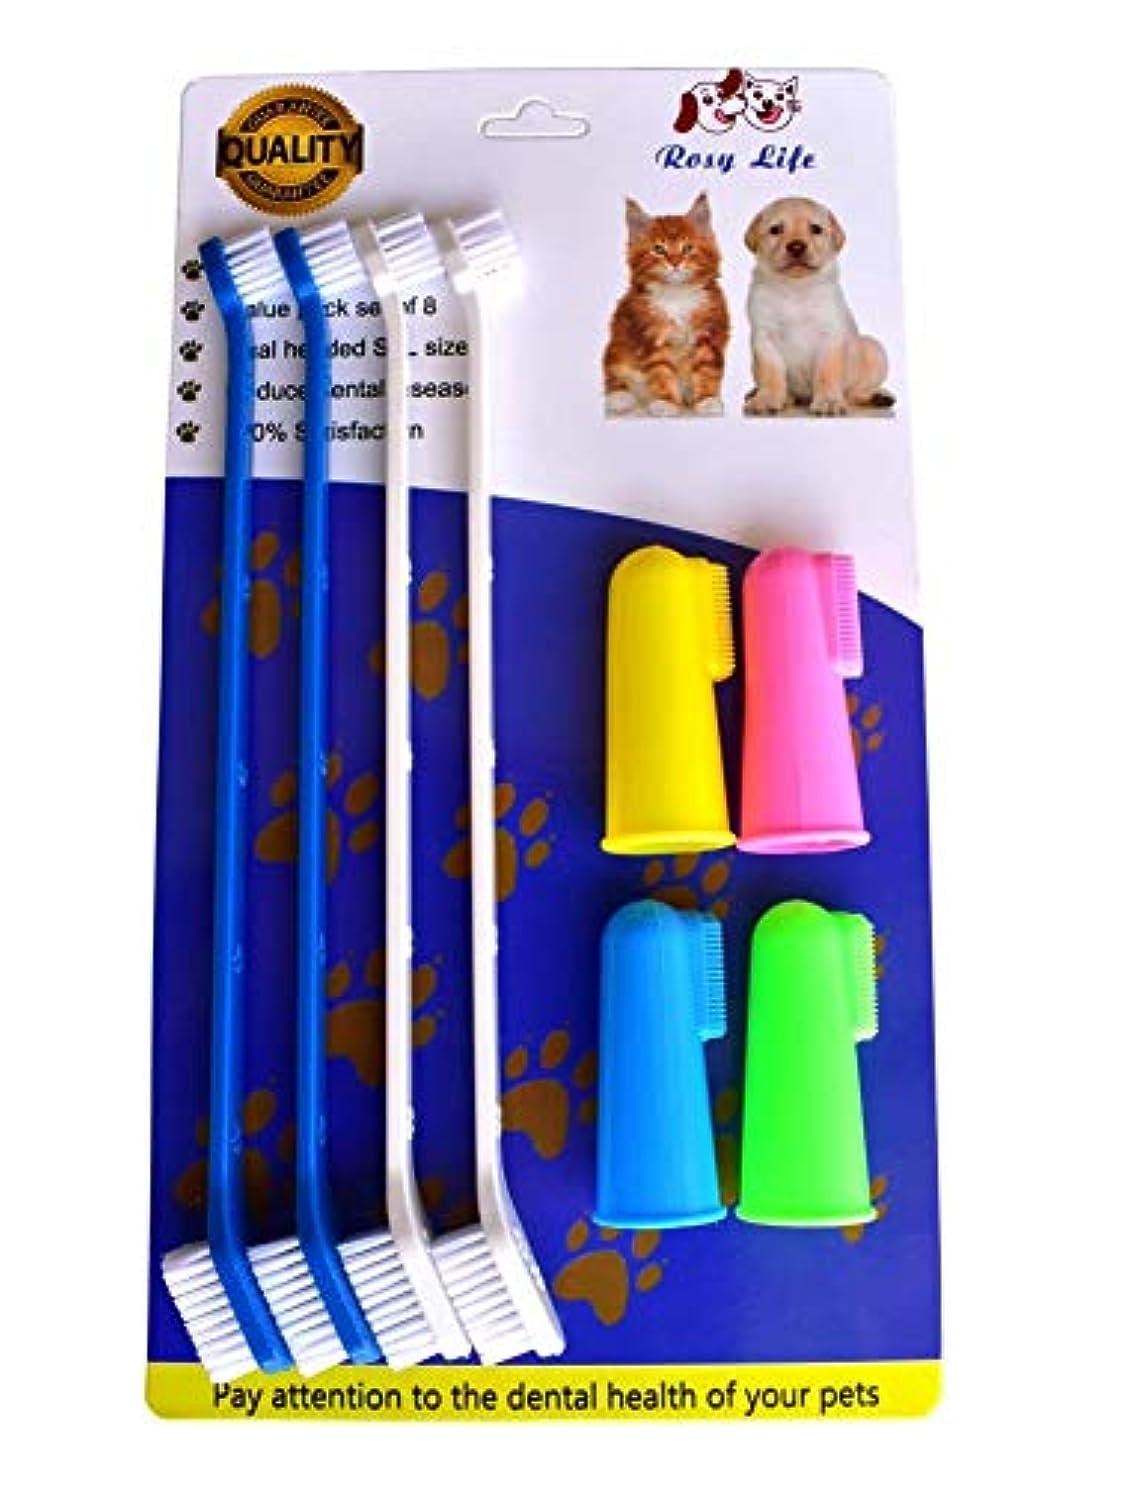 なくなる歩くボンドRosyLife 大型犬 小さなペット 犬柔らかい歯ブラシ犬用歯ブラシ指歯ブラシ ペット 歯ブラシ 4中性サイズ+ 4頭歯ブラシ